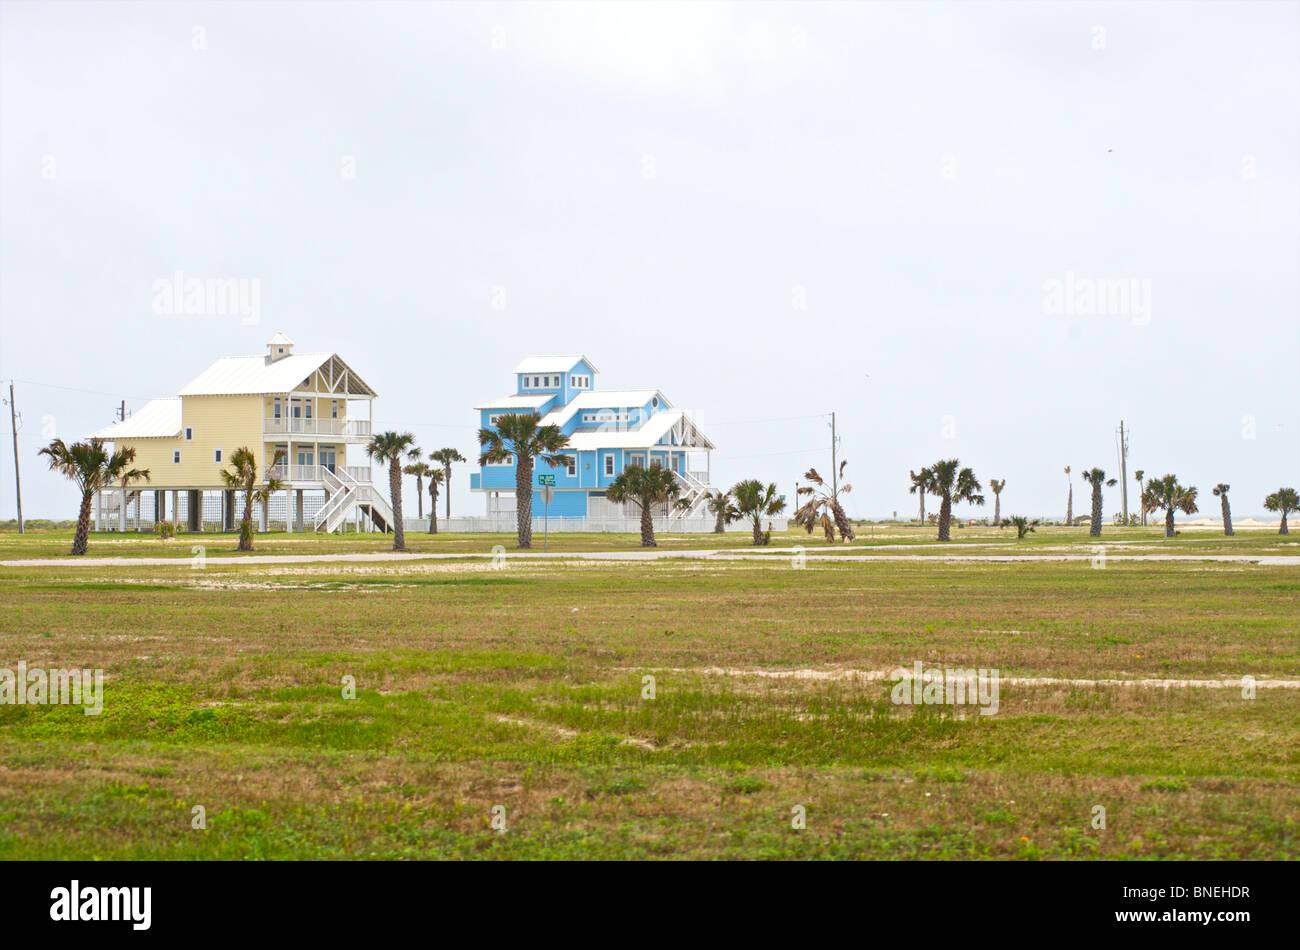 L'architecture typique de maisons en Galveston, Texas, États-Unis Banque D'Images